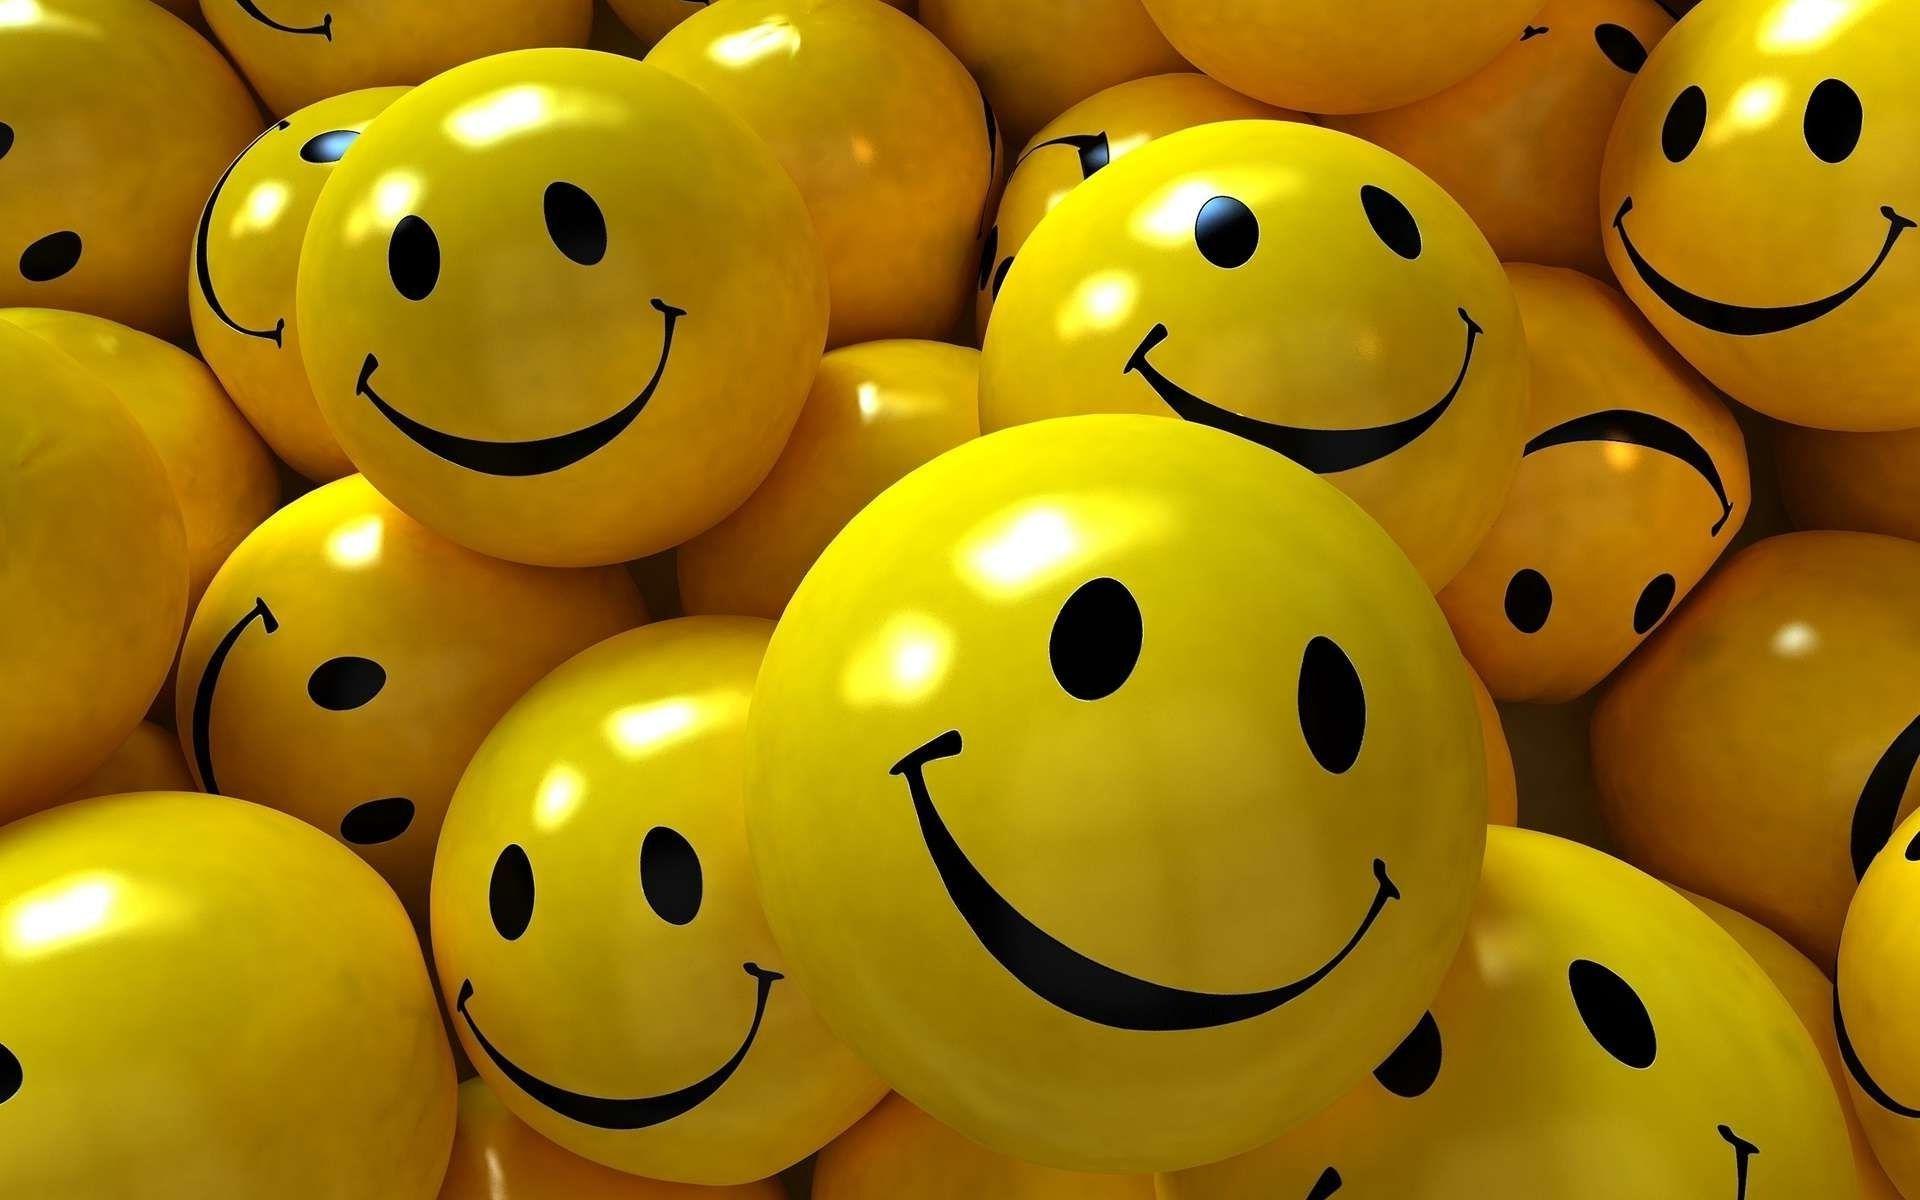 Smiley face Wallpaper 19553 1920x1200